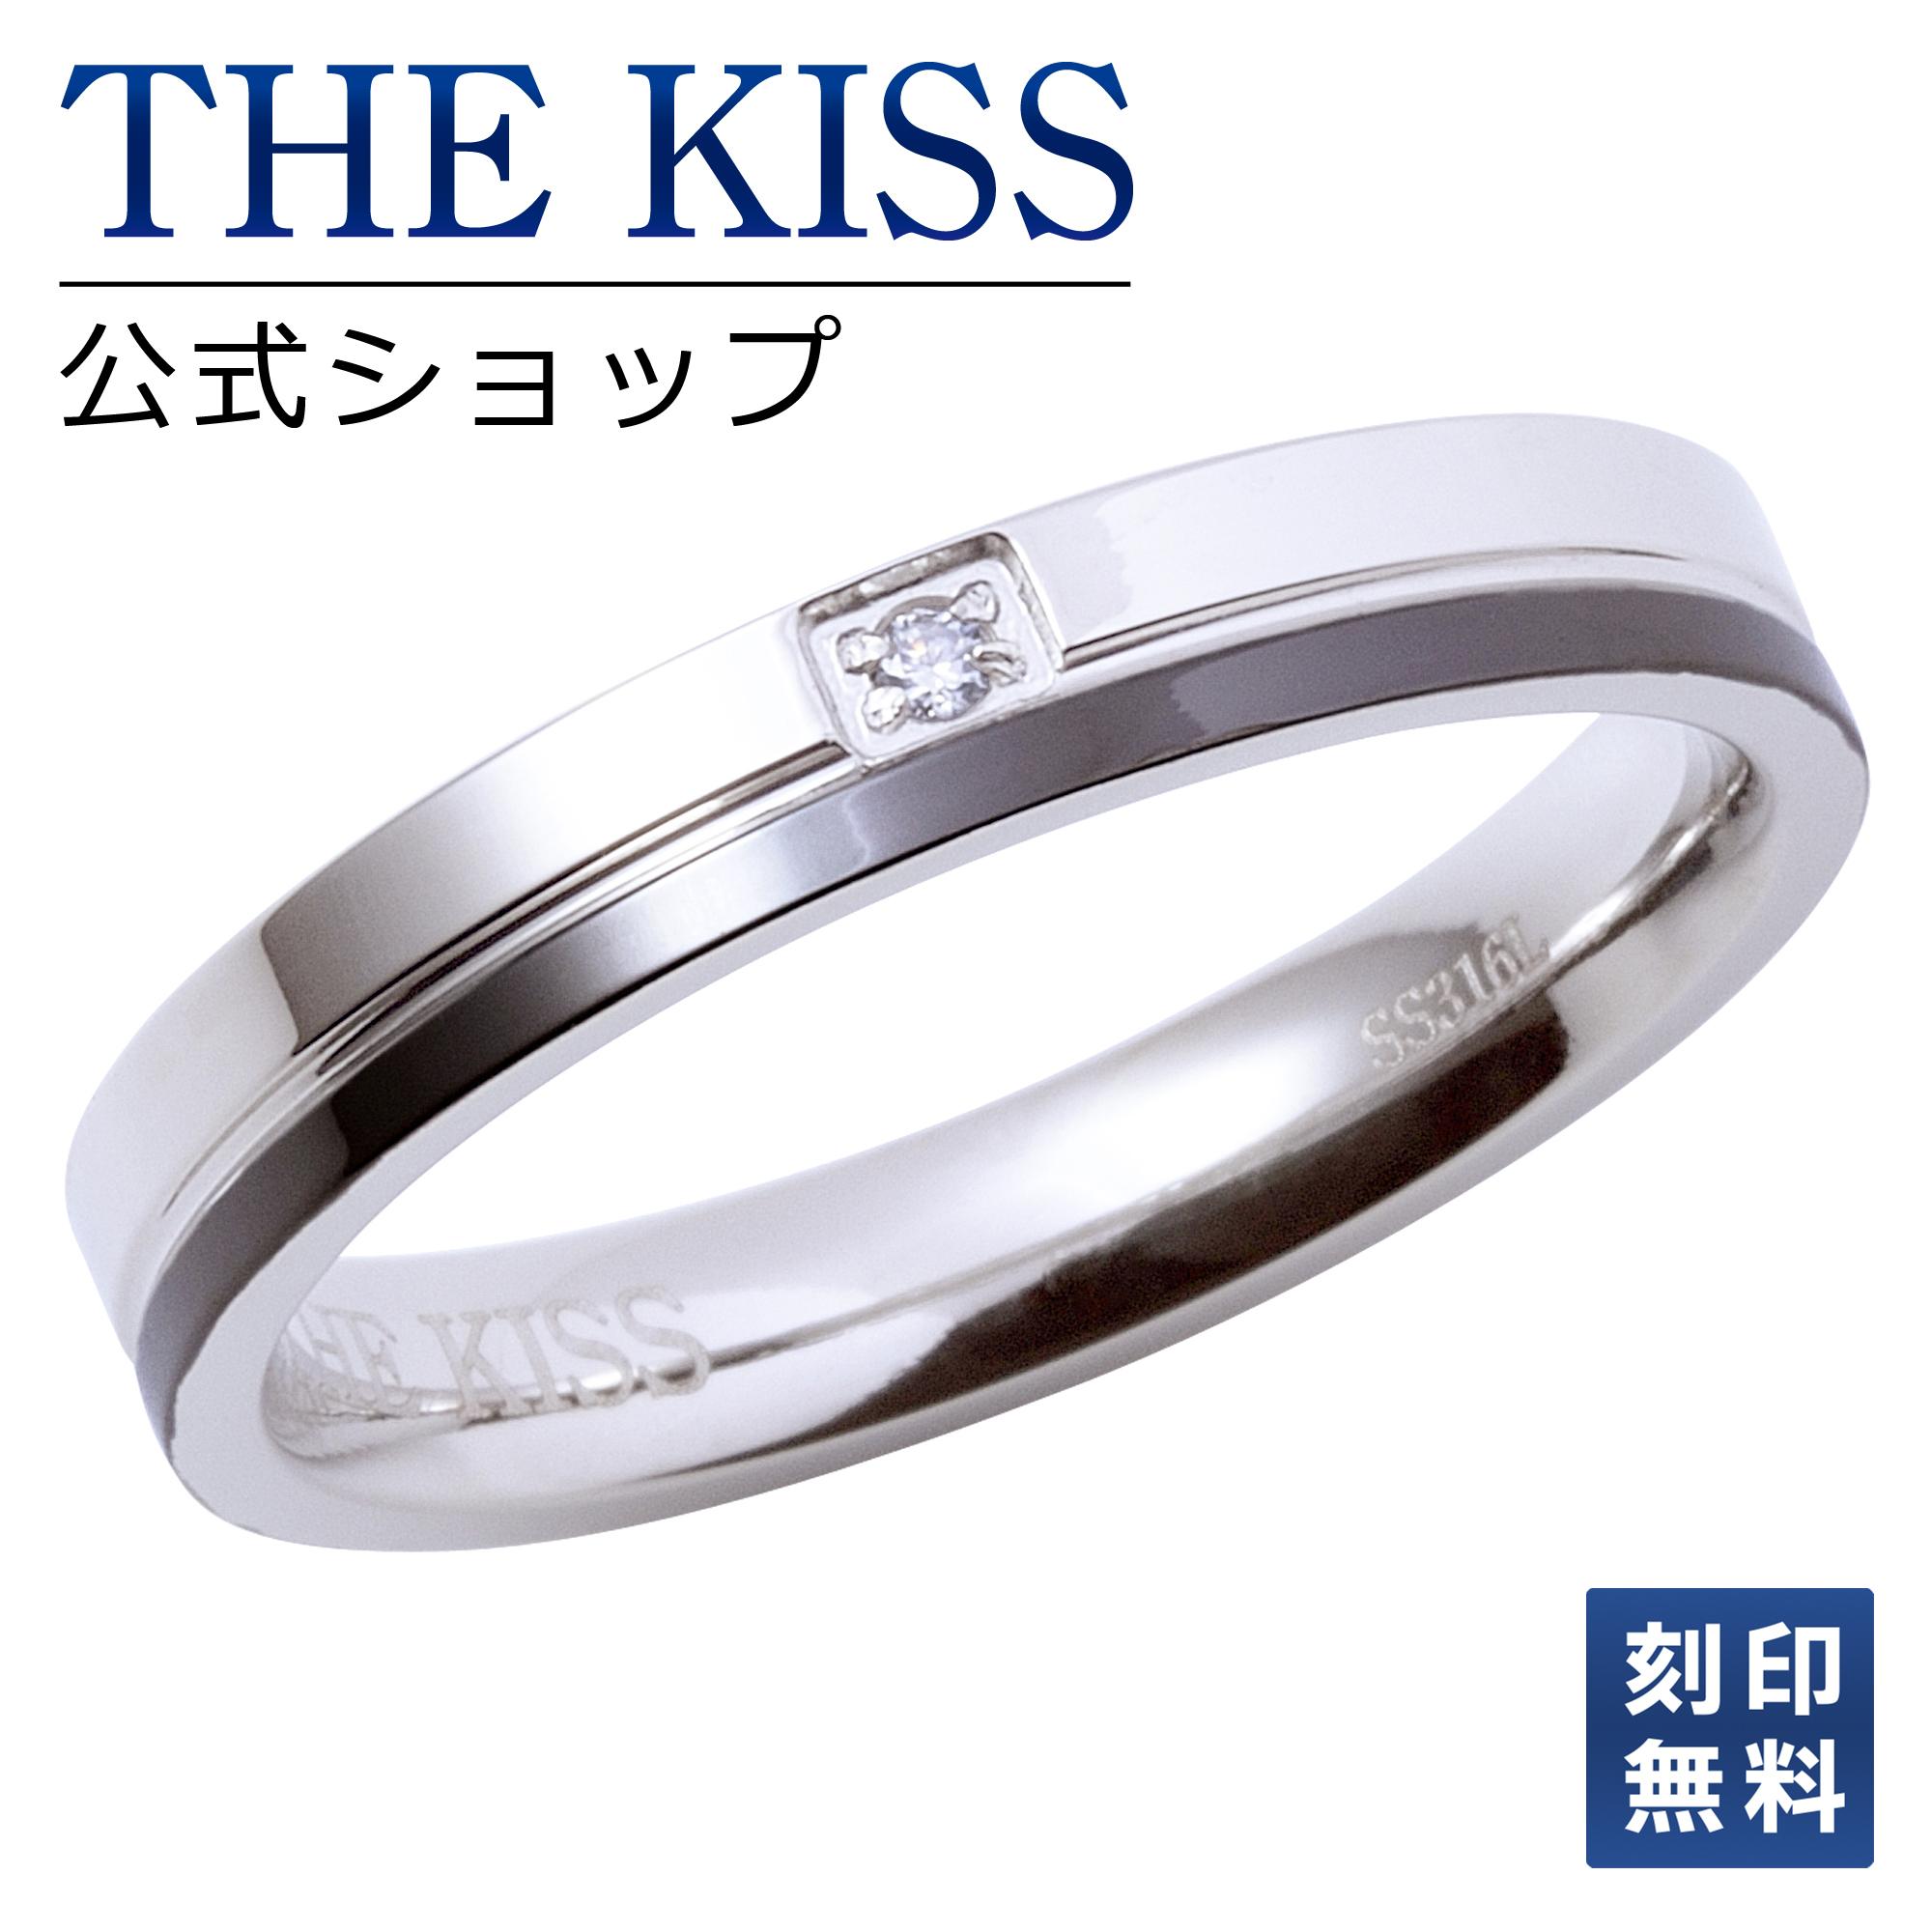 【刻印可_10文字】【あす楽対応】THE KISS 公式サイト ペアリング ステンレス ( レディース・メンズ 単品 ) ペアアクセサリー カップル に 人気 の ジュエリーブランド THEKISS ペア リング・指輪 記念日 プレゼント TR1036BKDM ザキス 【送料無料】